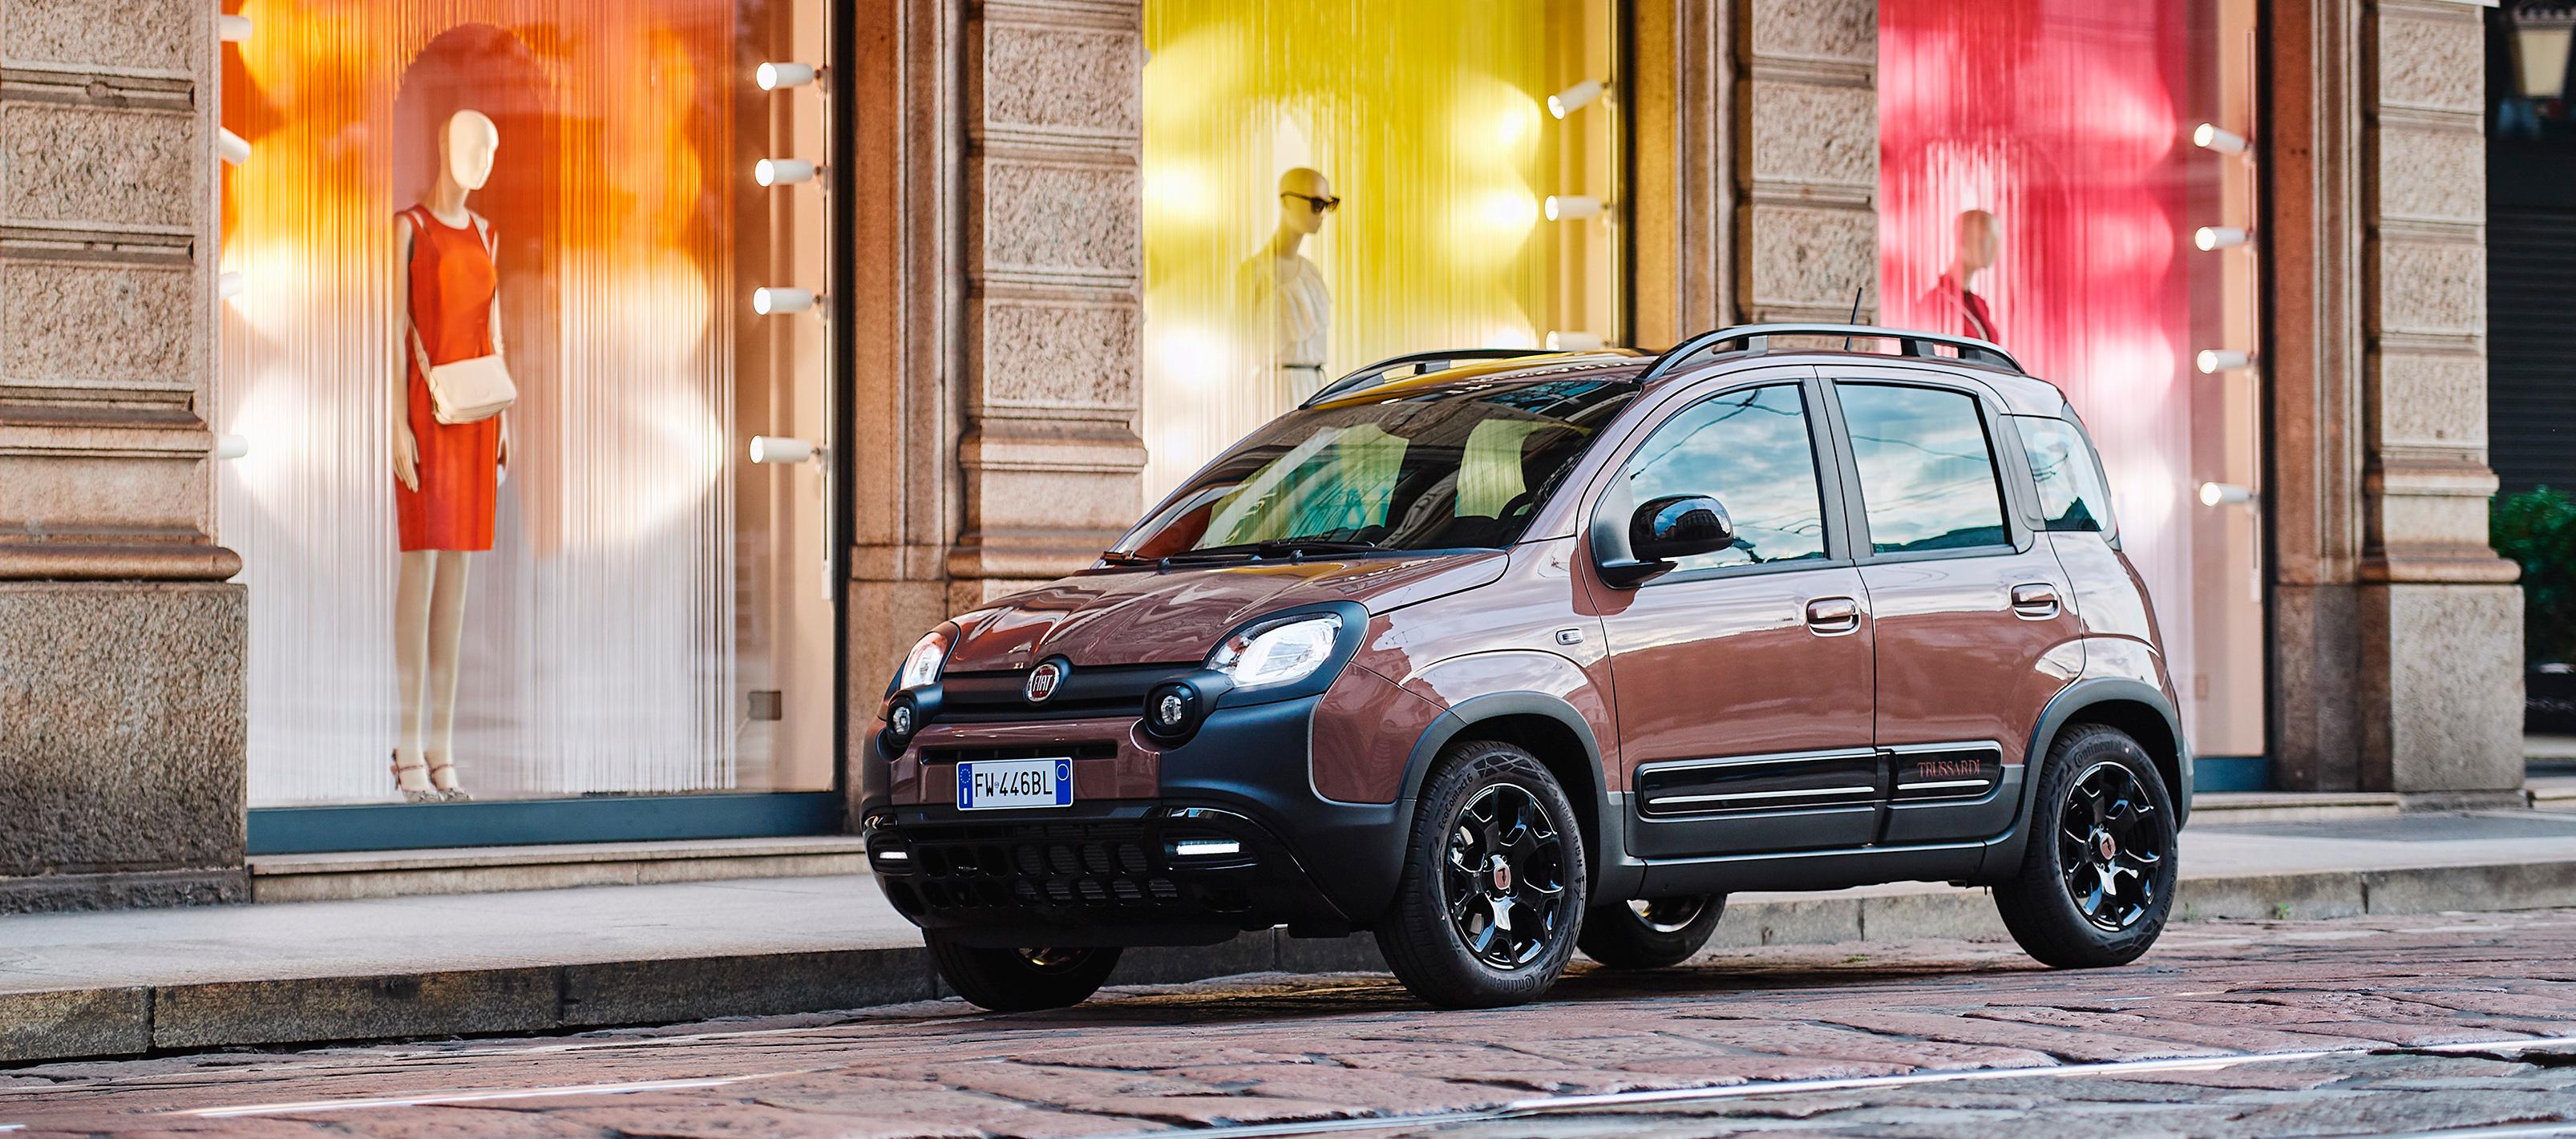 Fiat Panda Trussardi, el Panda de lujo